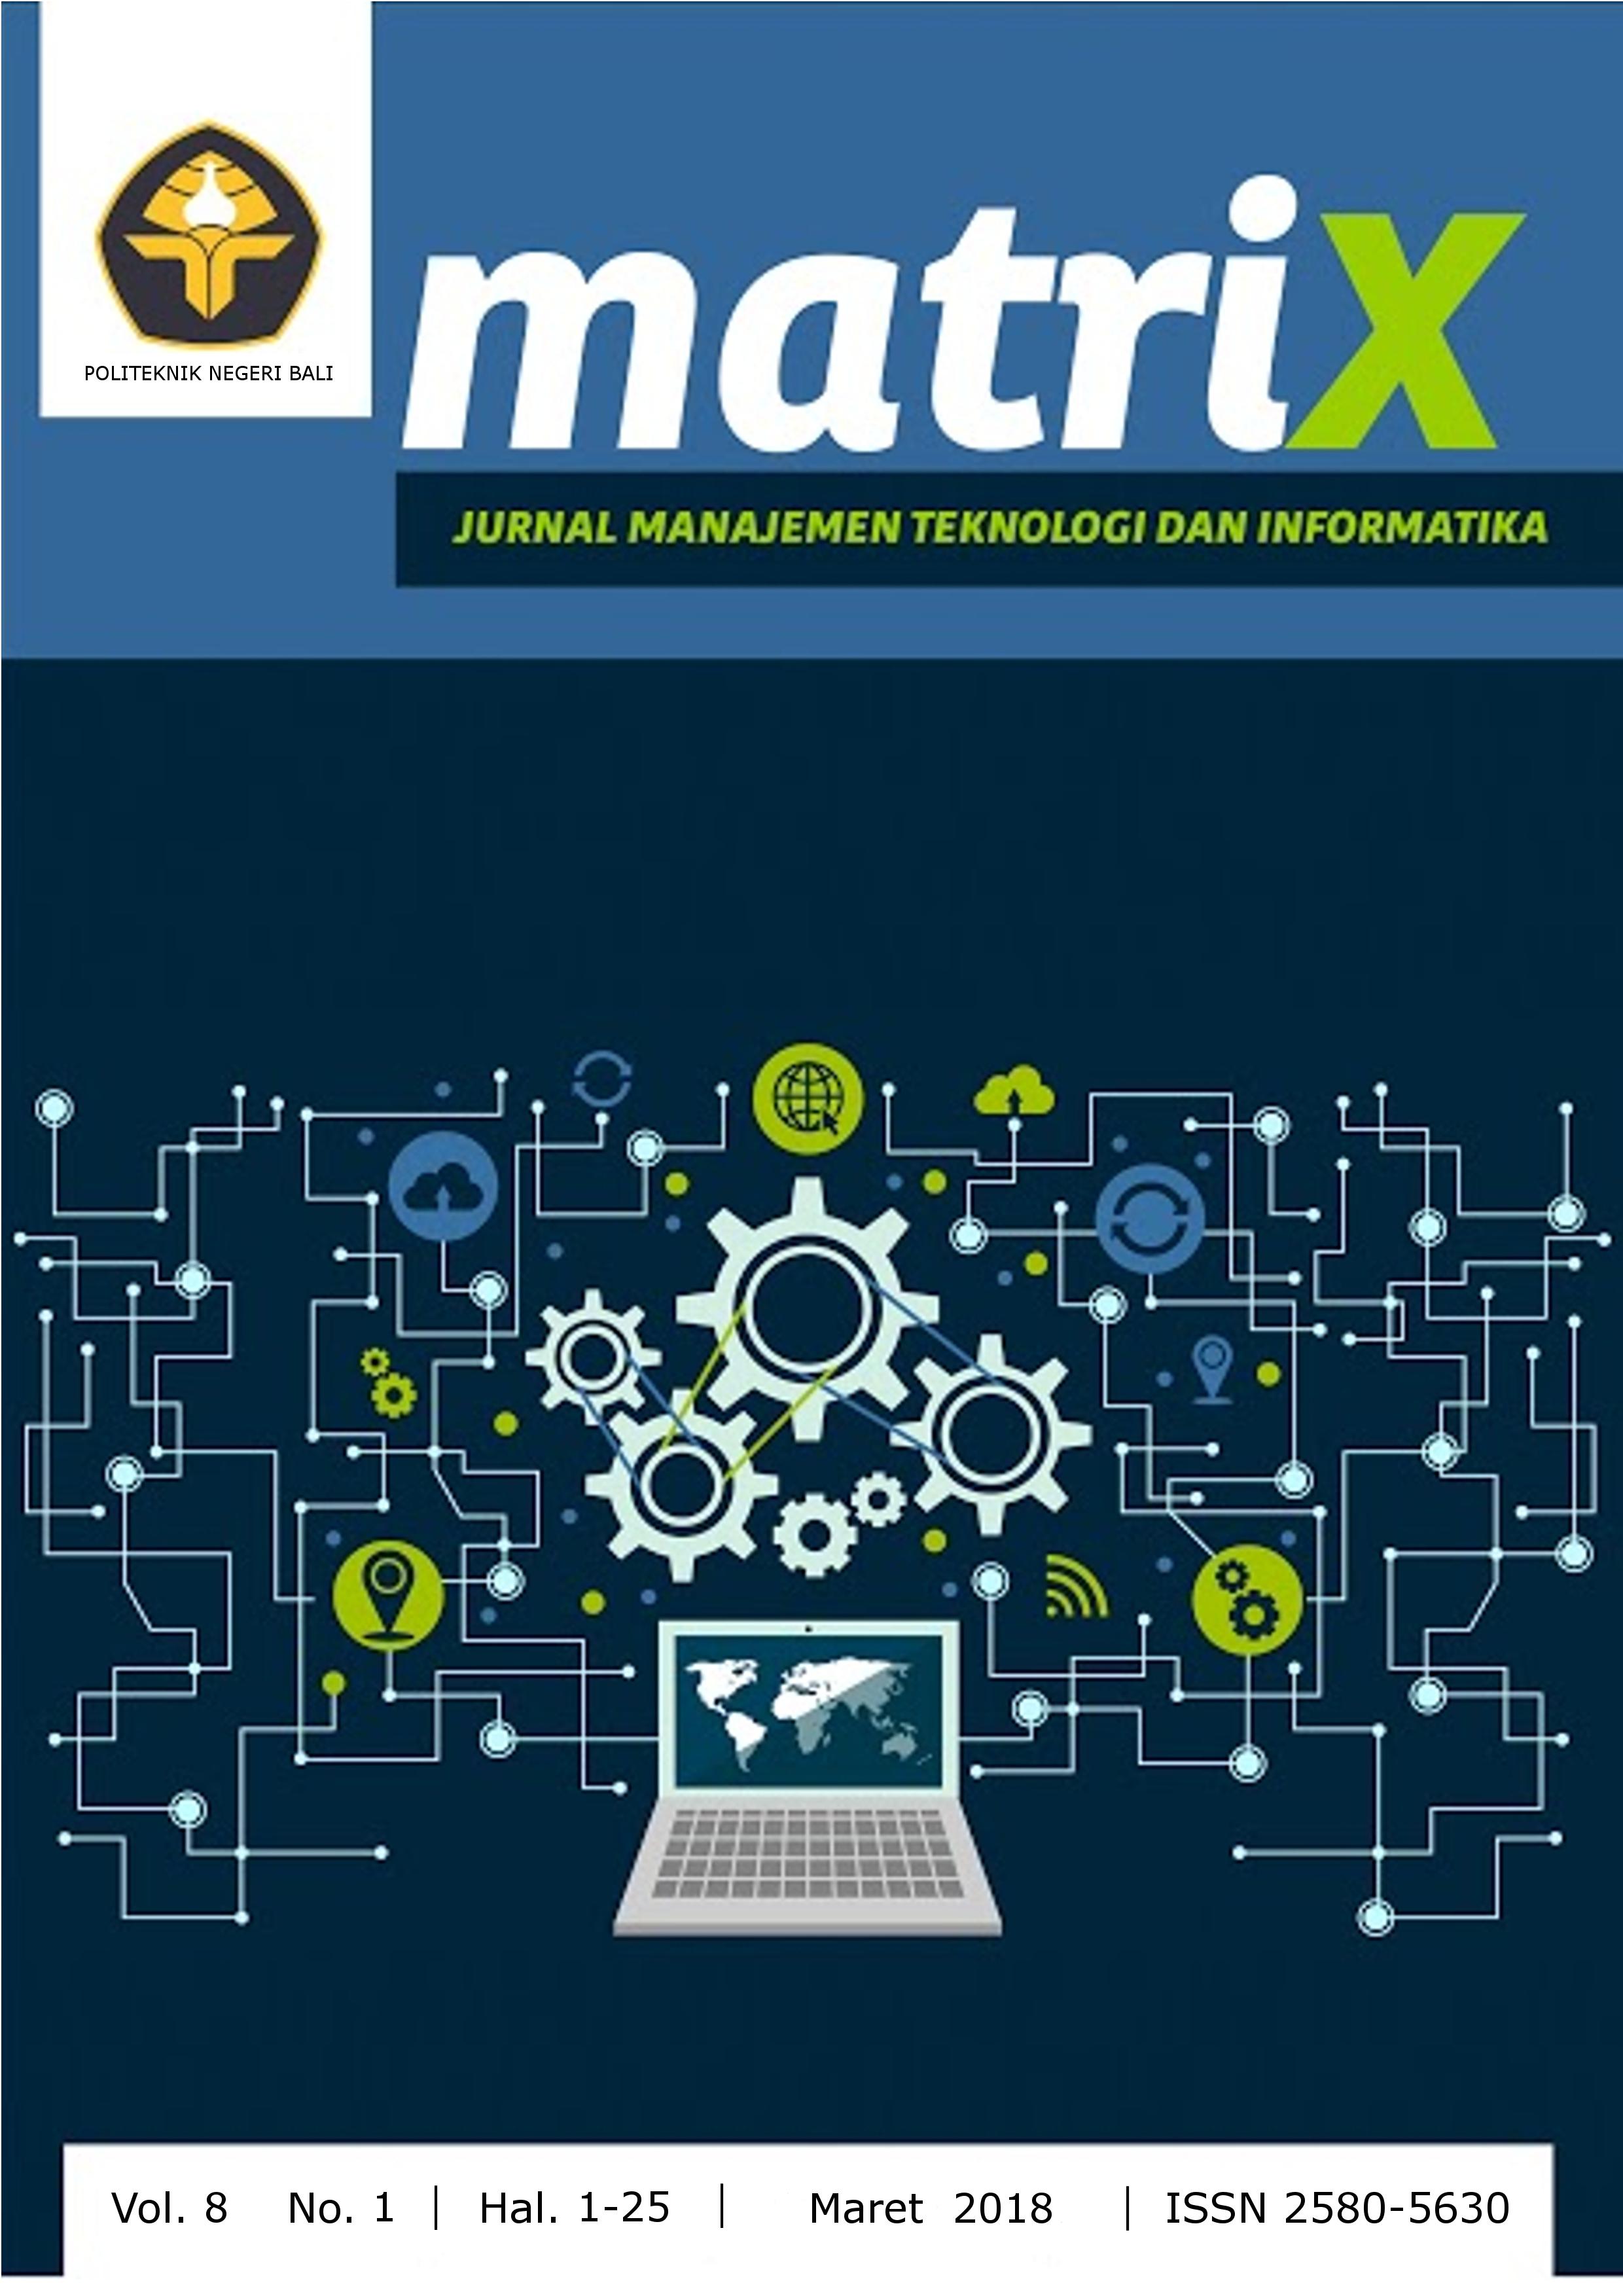 MATRIX : Volume 8, Nomor 1, Maret 2018